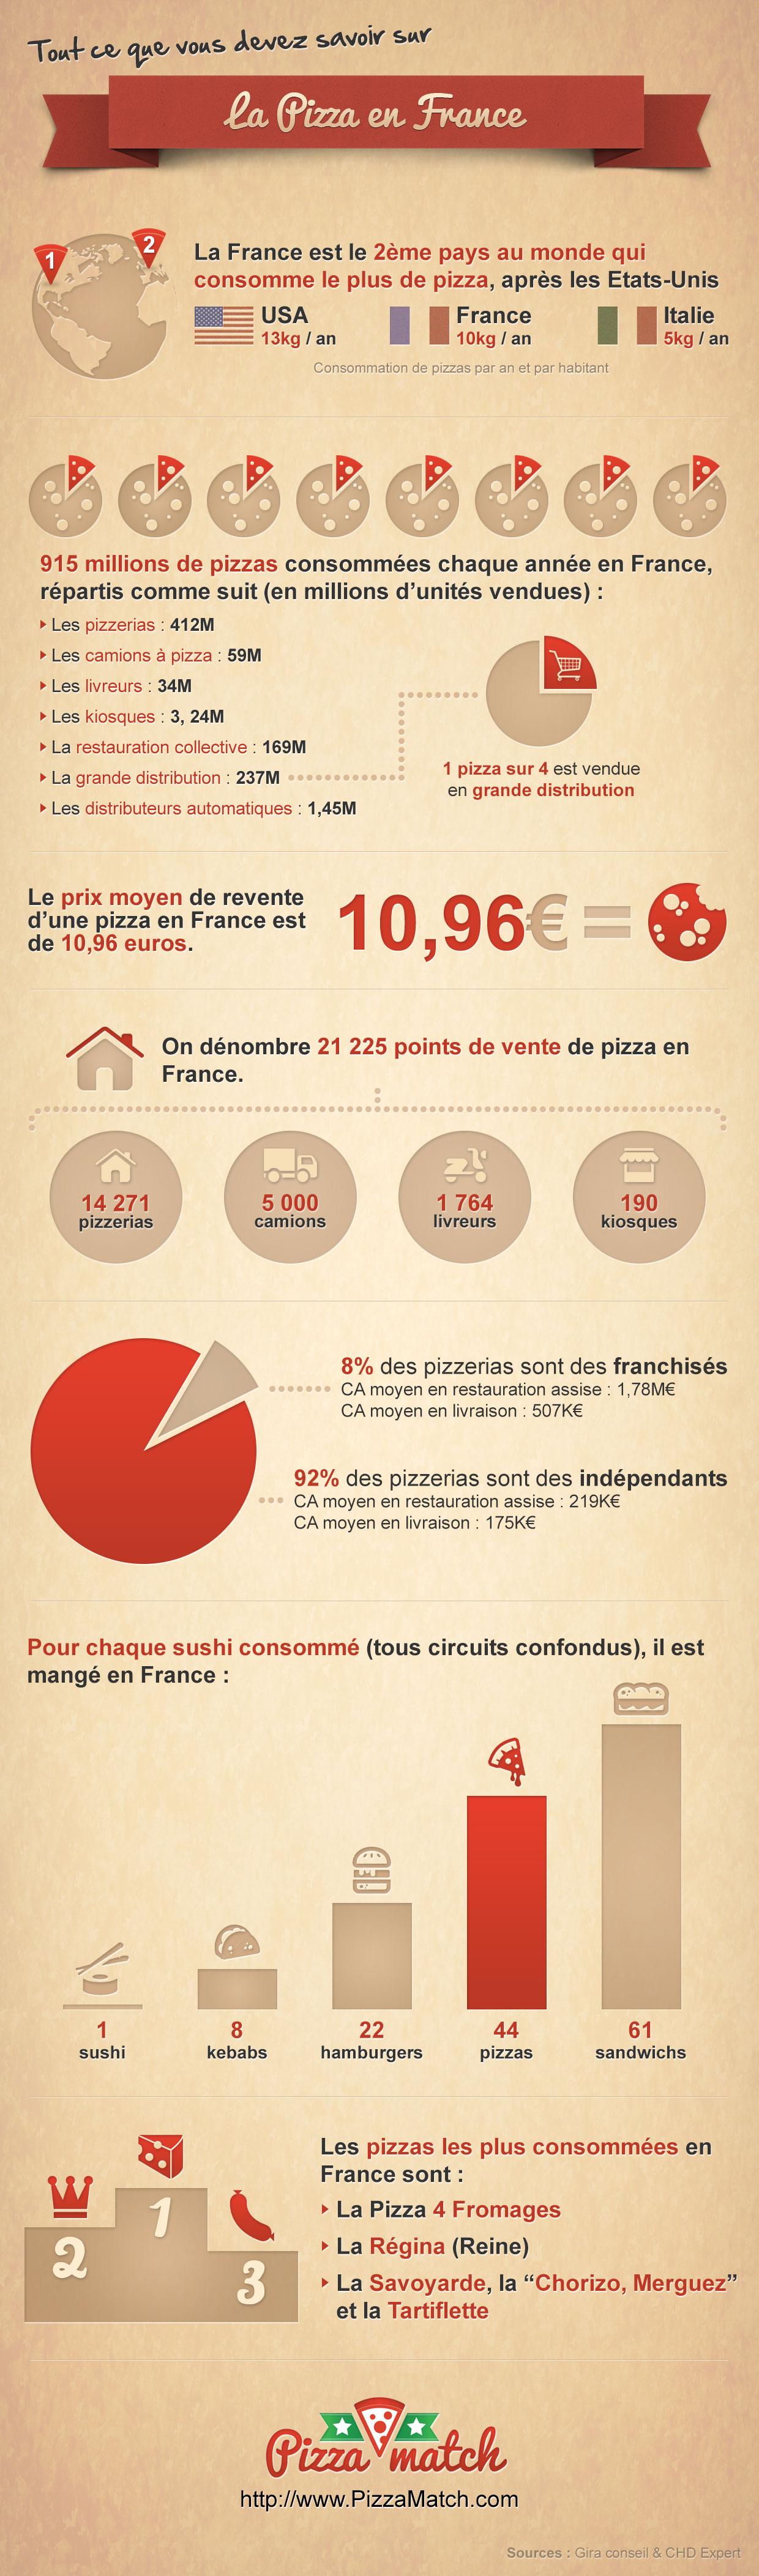 Infographie marché pizza